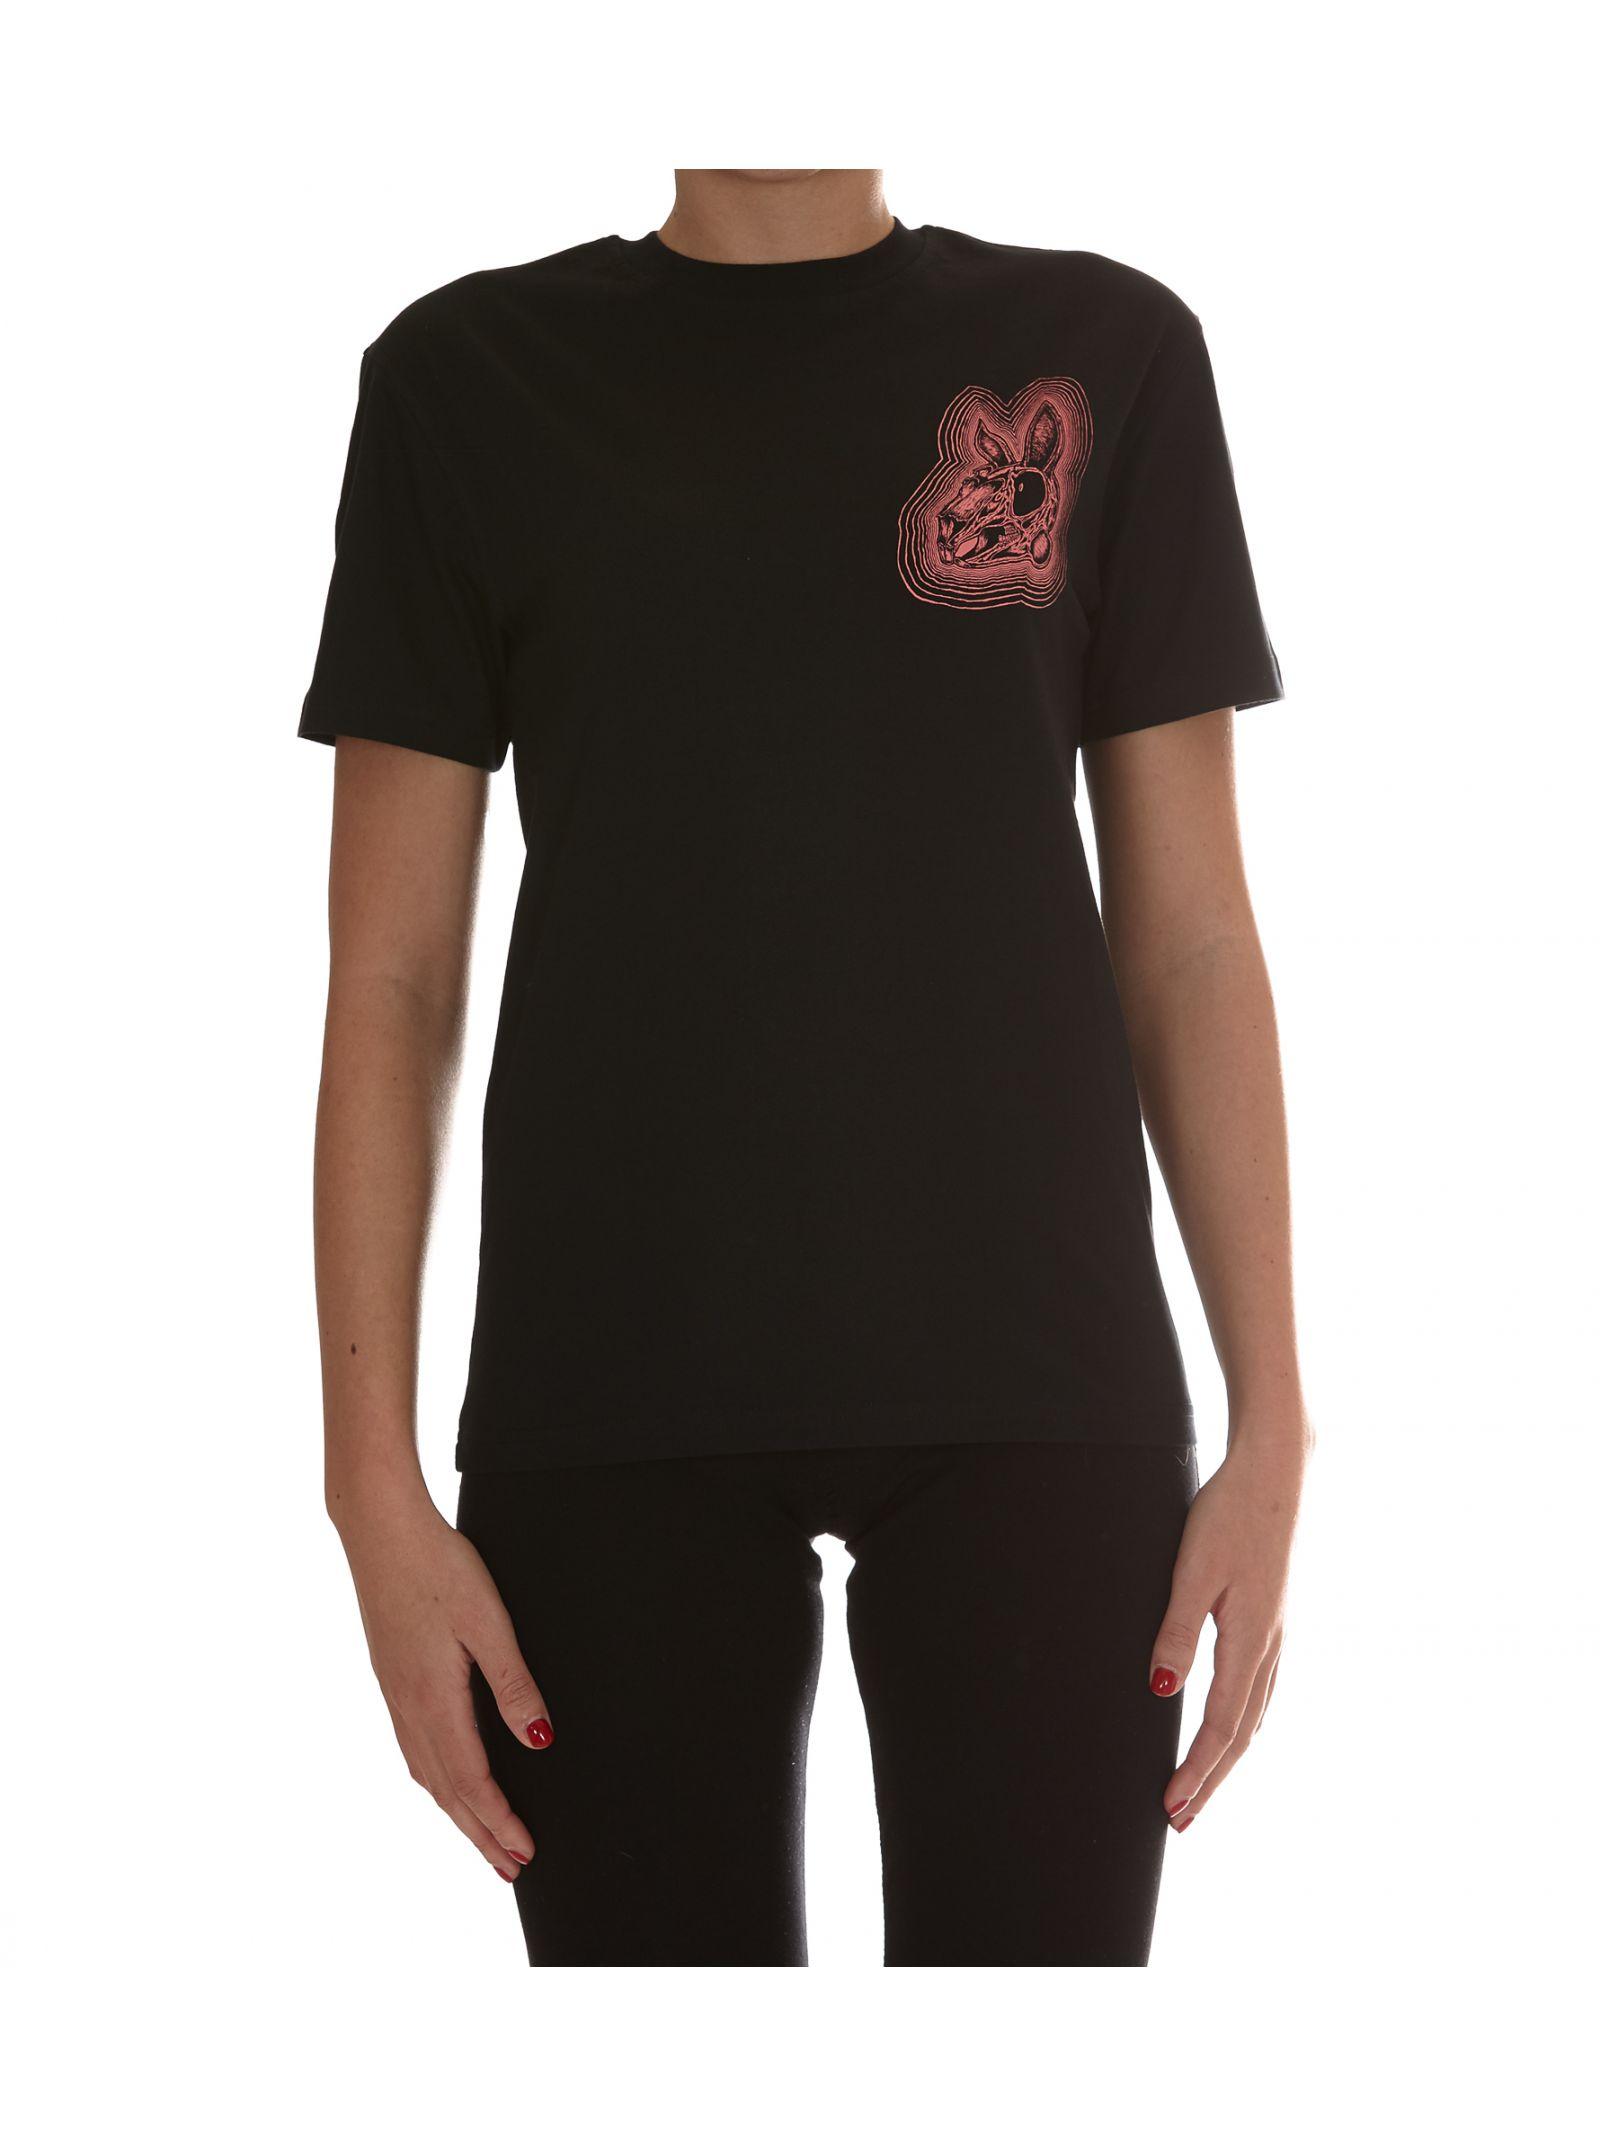 Tricou de damă McQ ALEXANDER McQUEEN, casual, din bumbac, cu logo imprimat